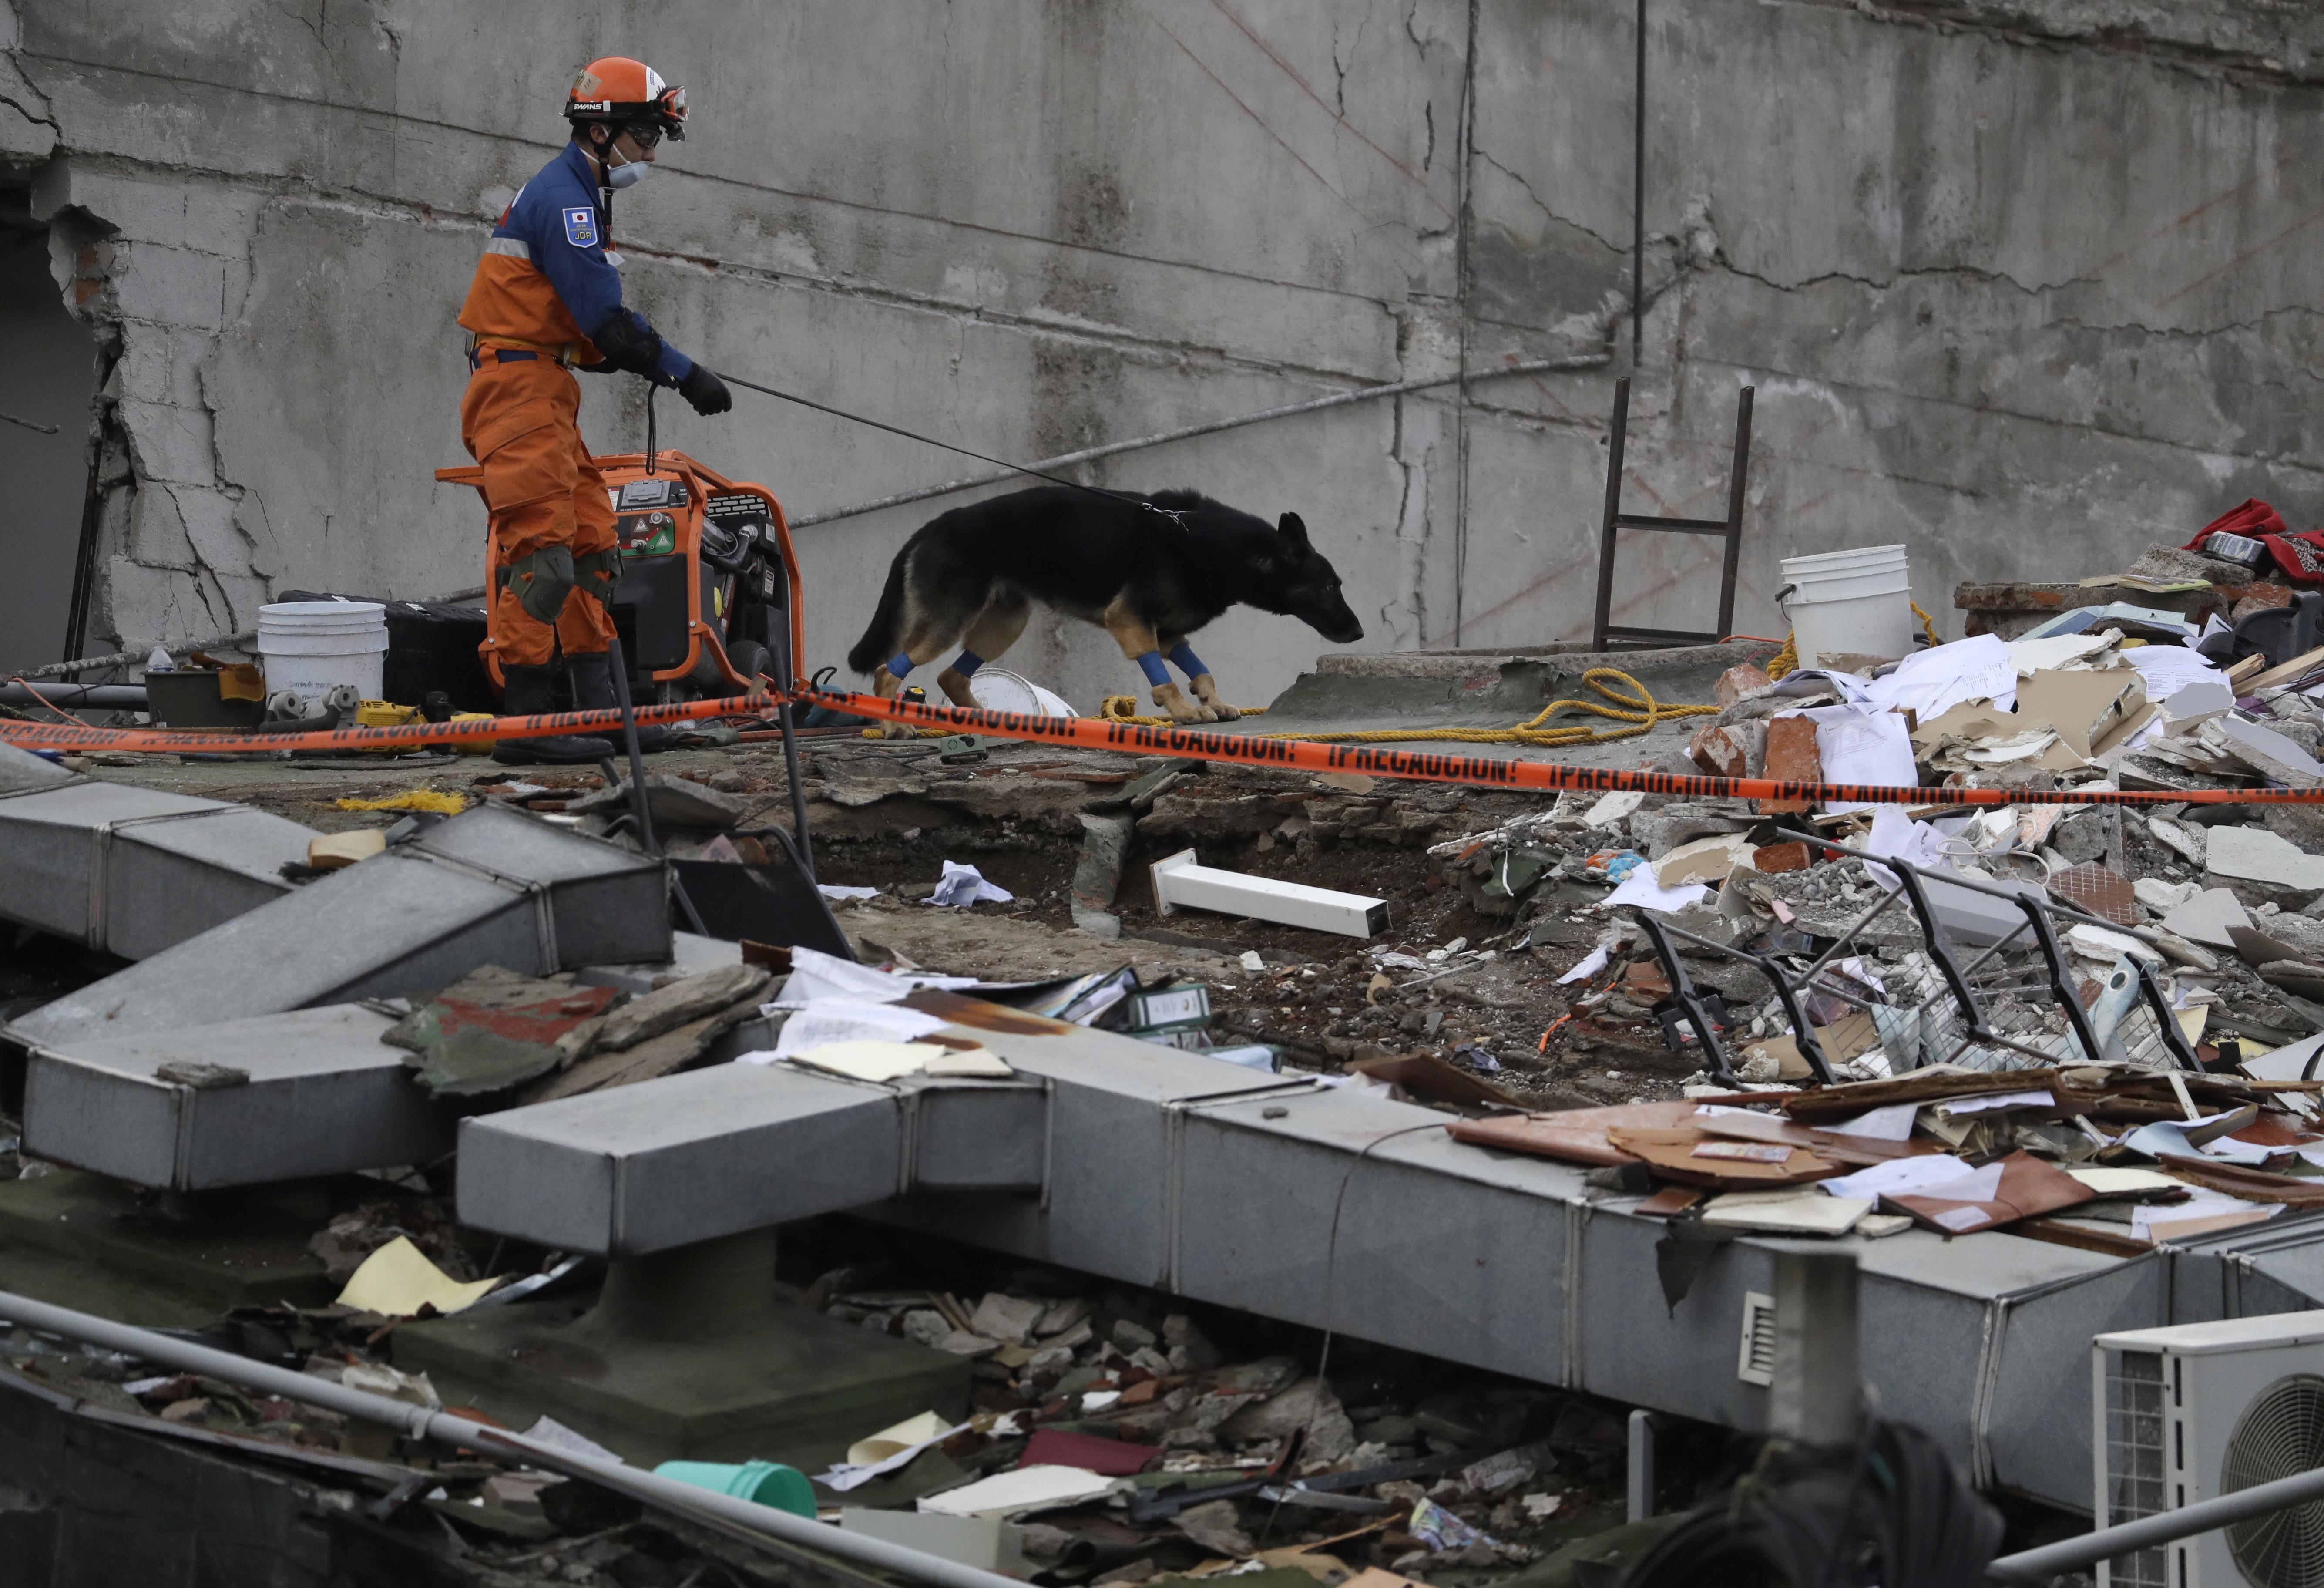 Binomios caninos, básicos para el rescate de víctimas